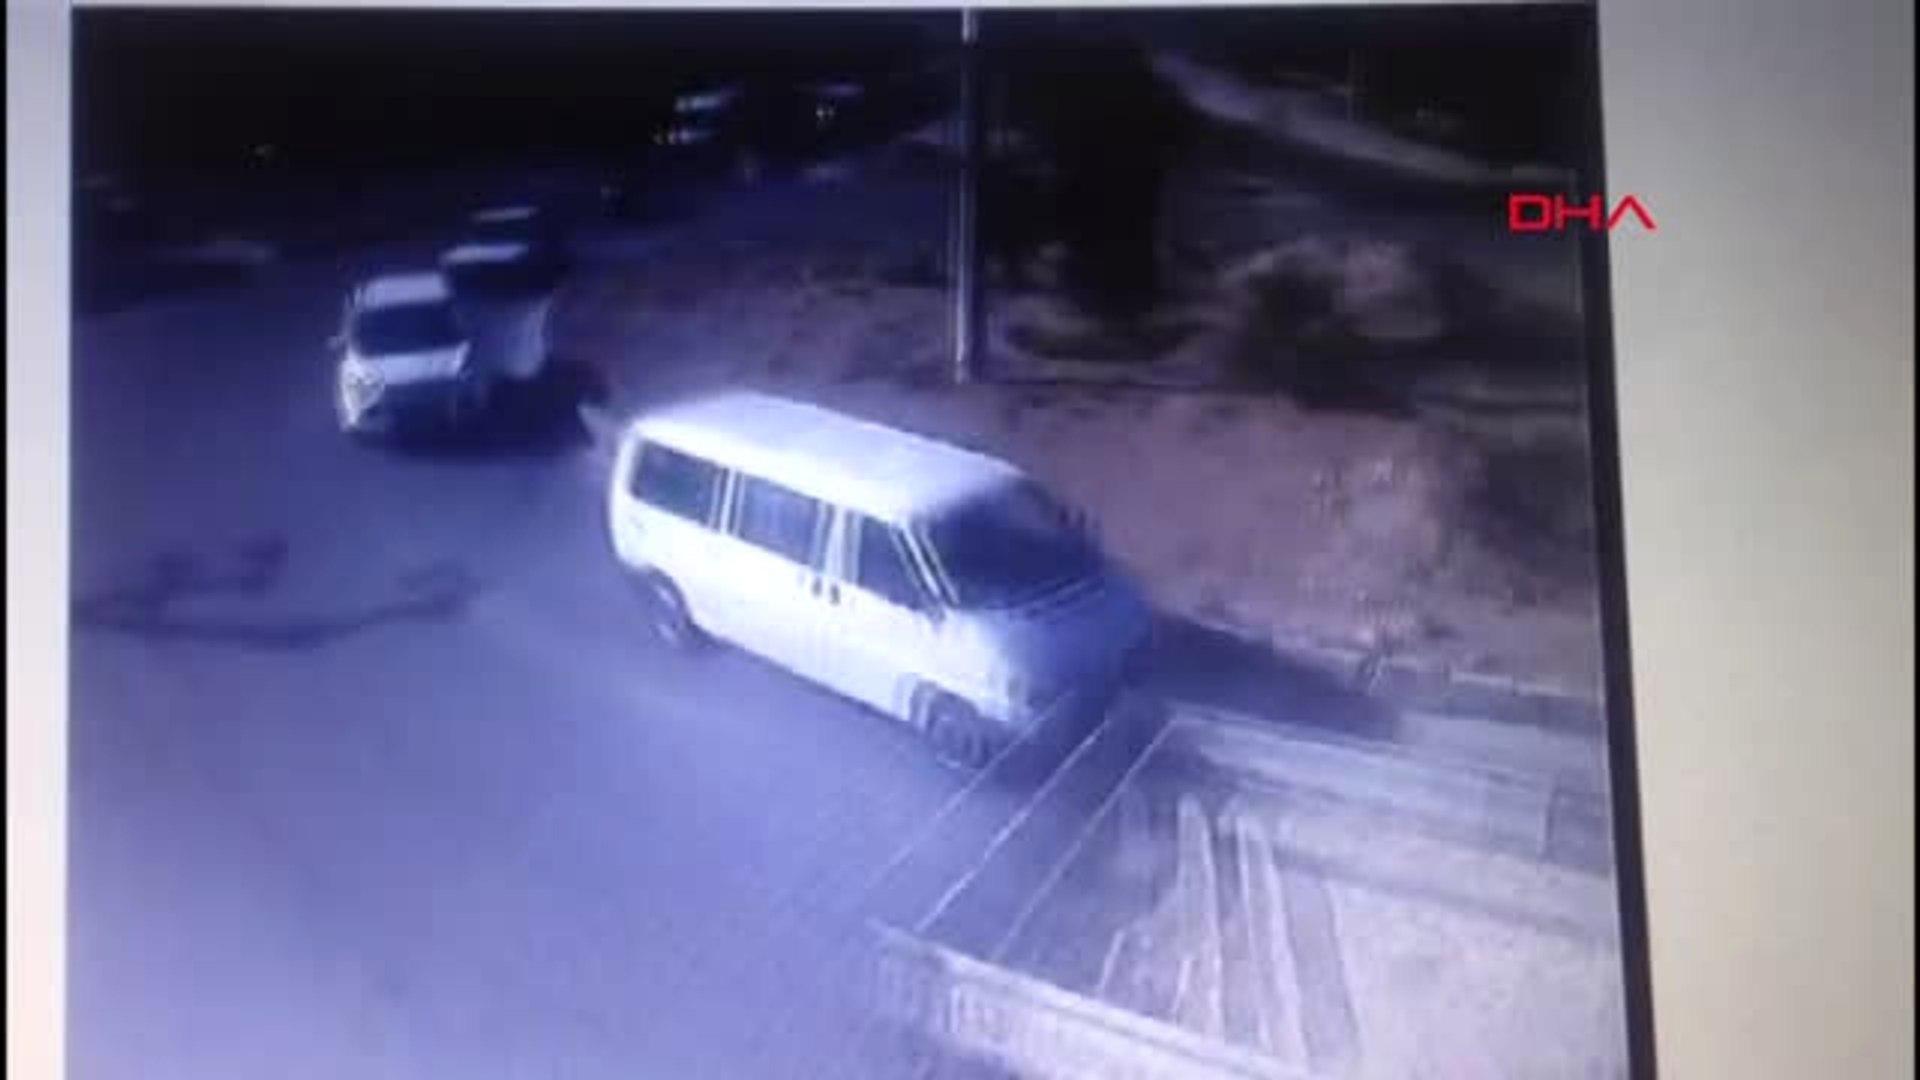 Bursa Tankerle Çarpışan Motosikletteki Liseli Öldü, Arkadaşı Yaralandı